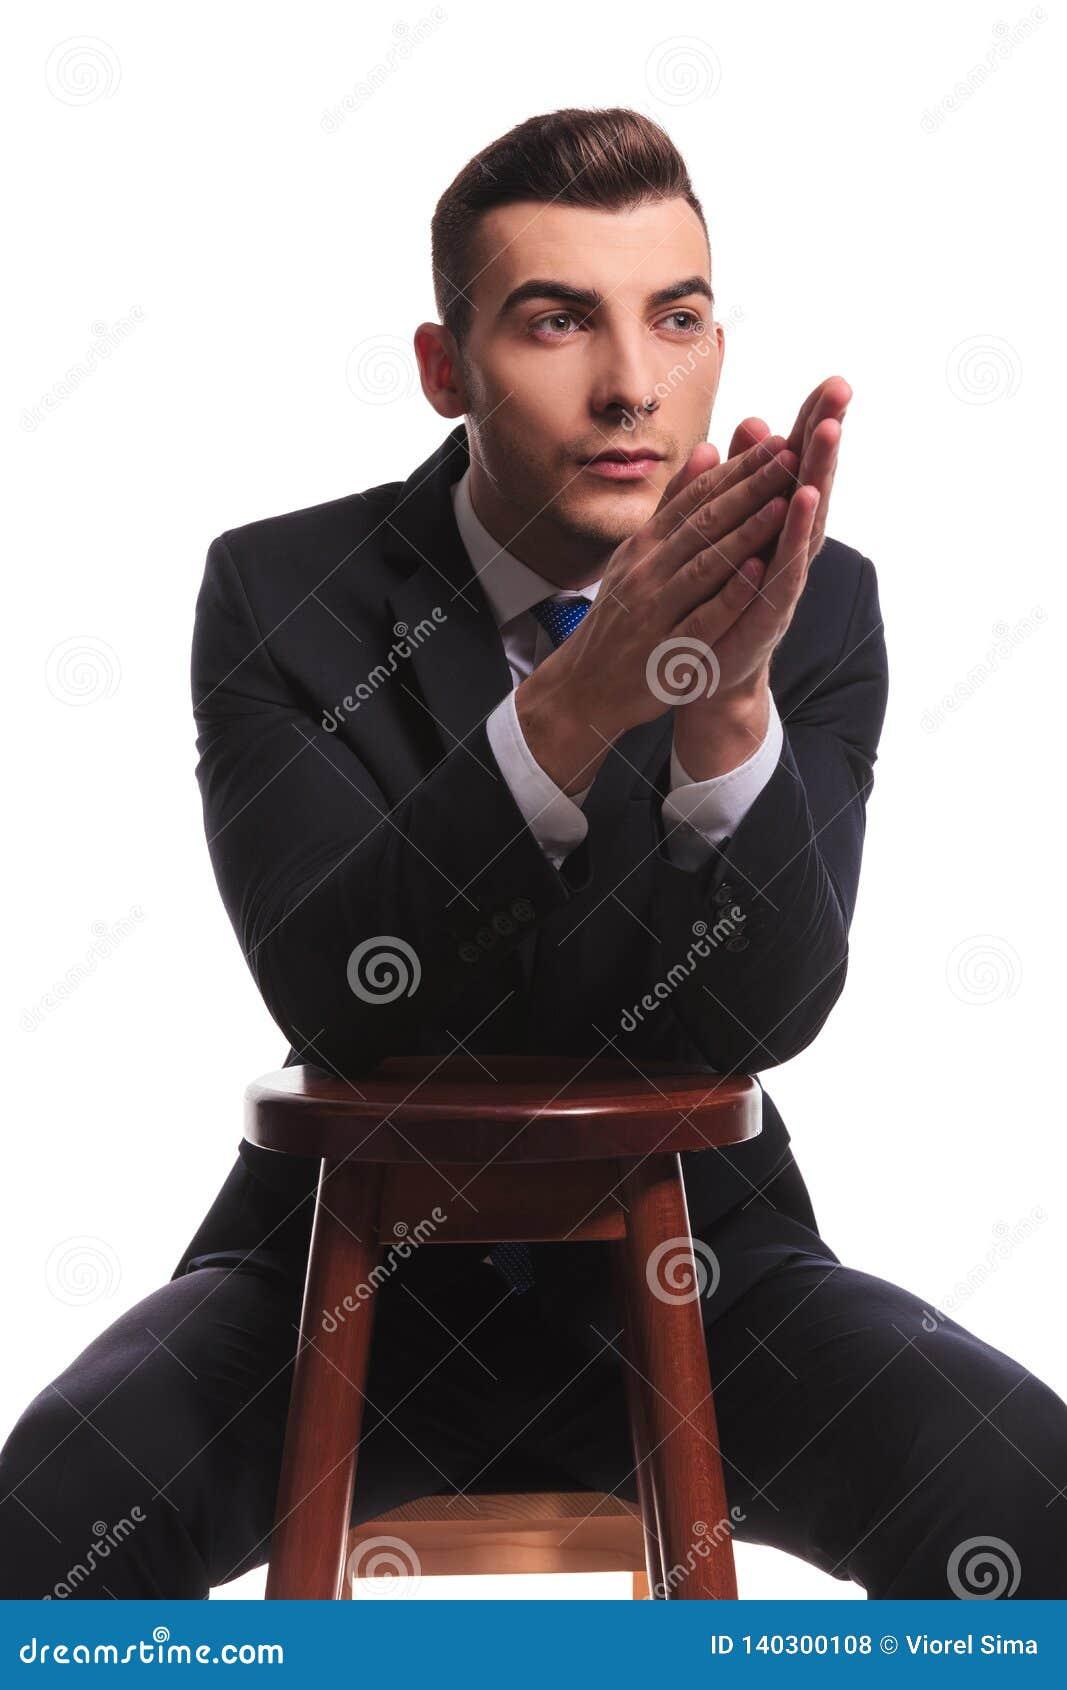 Modekerl in der Klage, die mit den betenden Händen zufriedengestellt schaut